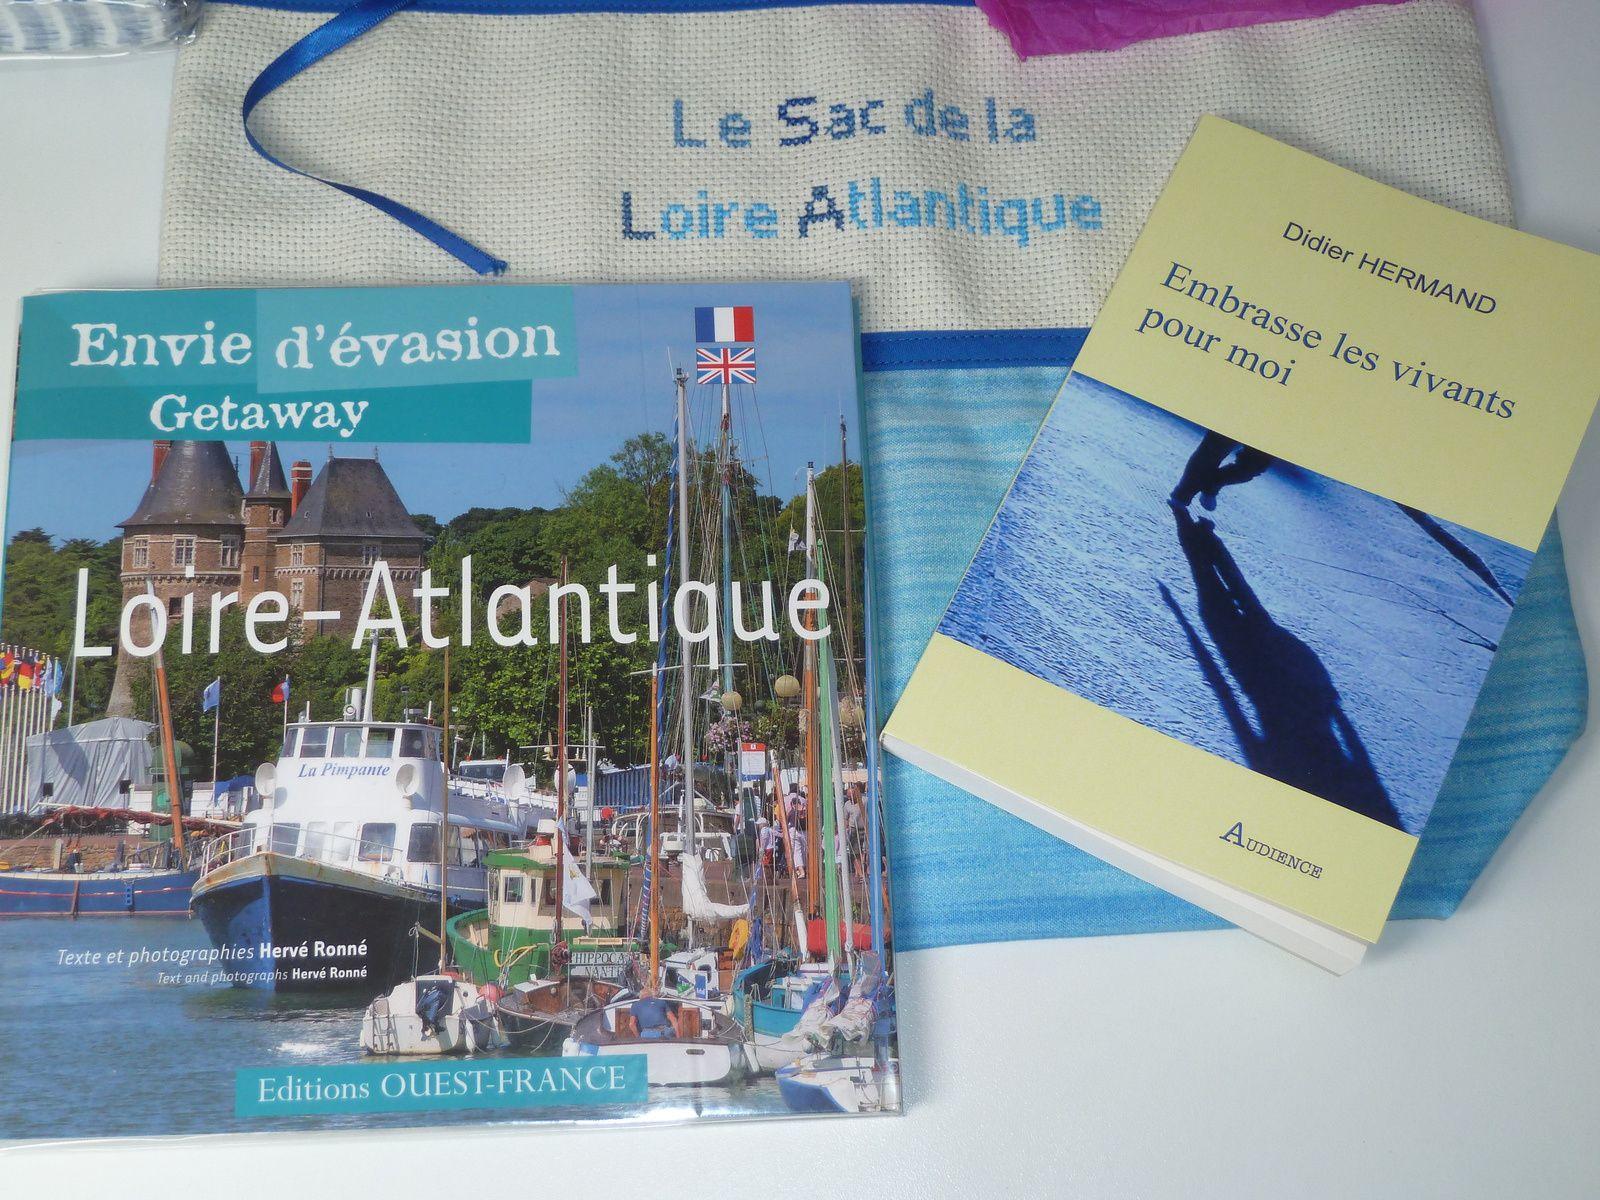 N°444 Le sac de la Loire Atlantique chez Nanou